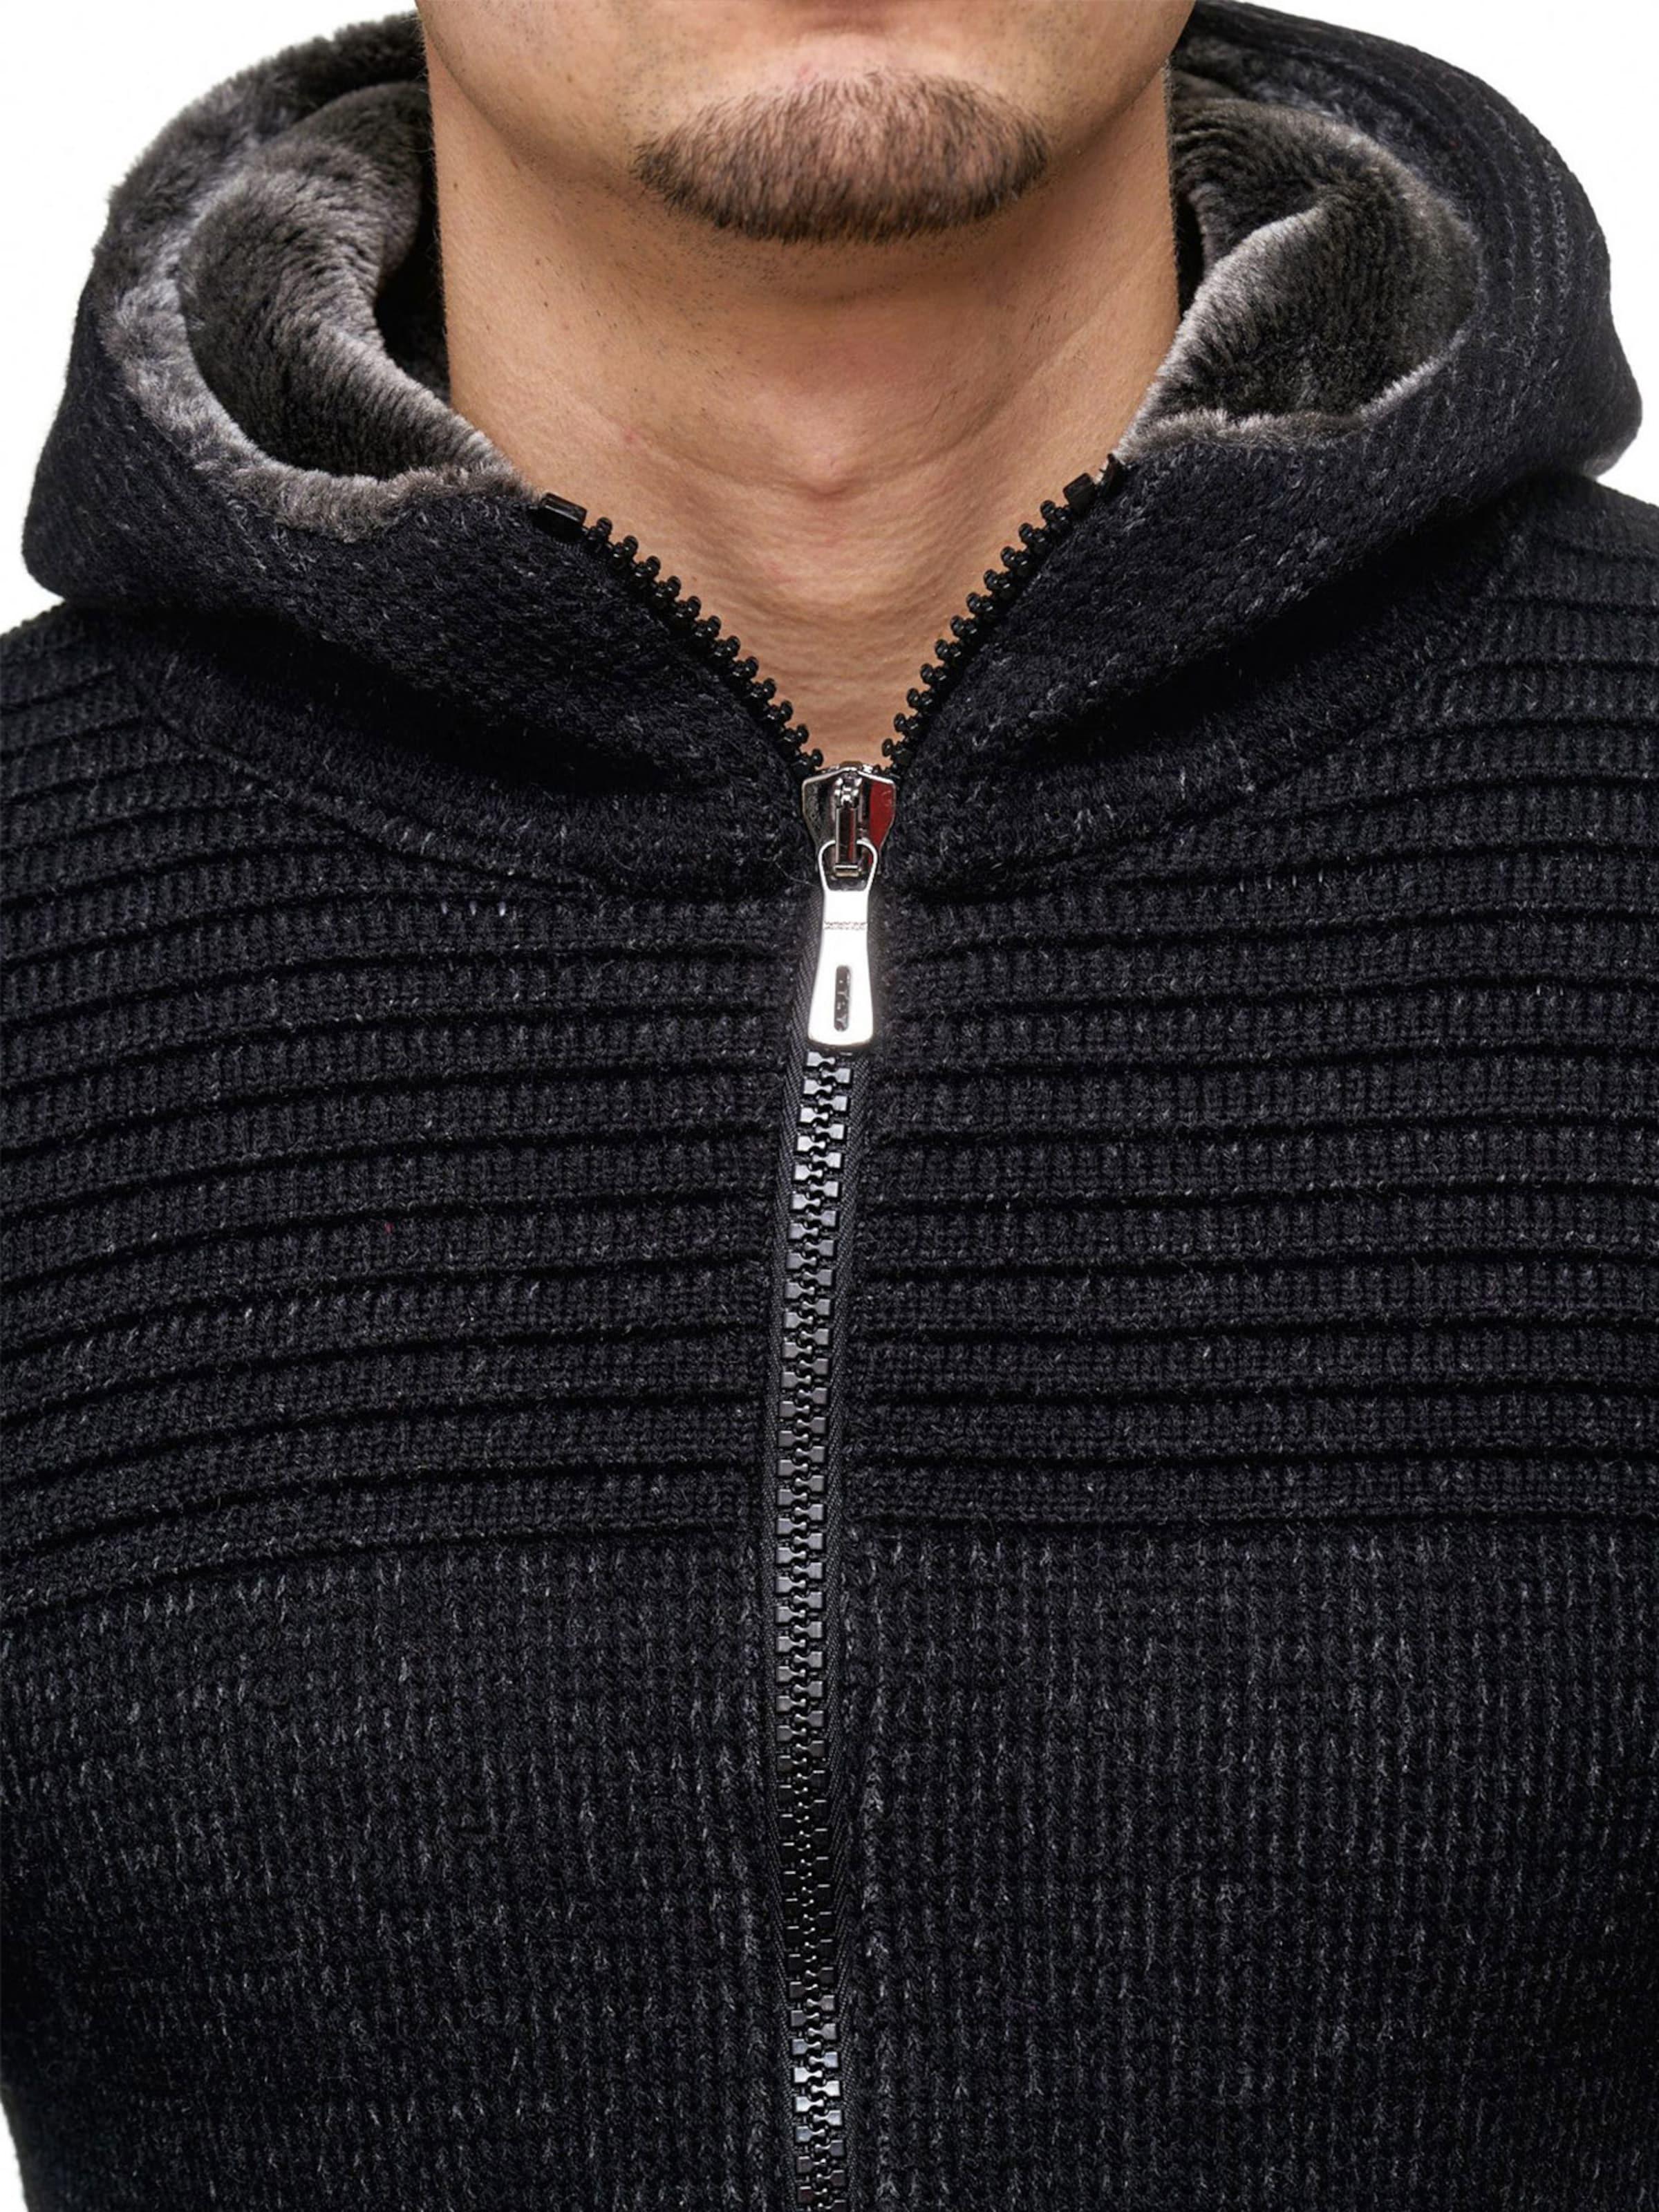 Indicode En Vestes 'curitiba' Jeans Graphite Maille cRL3A54qj